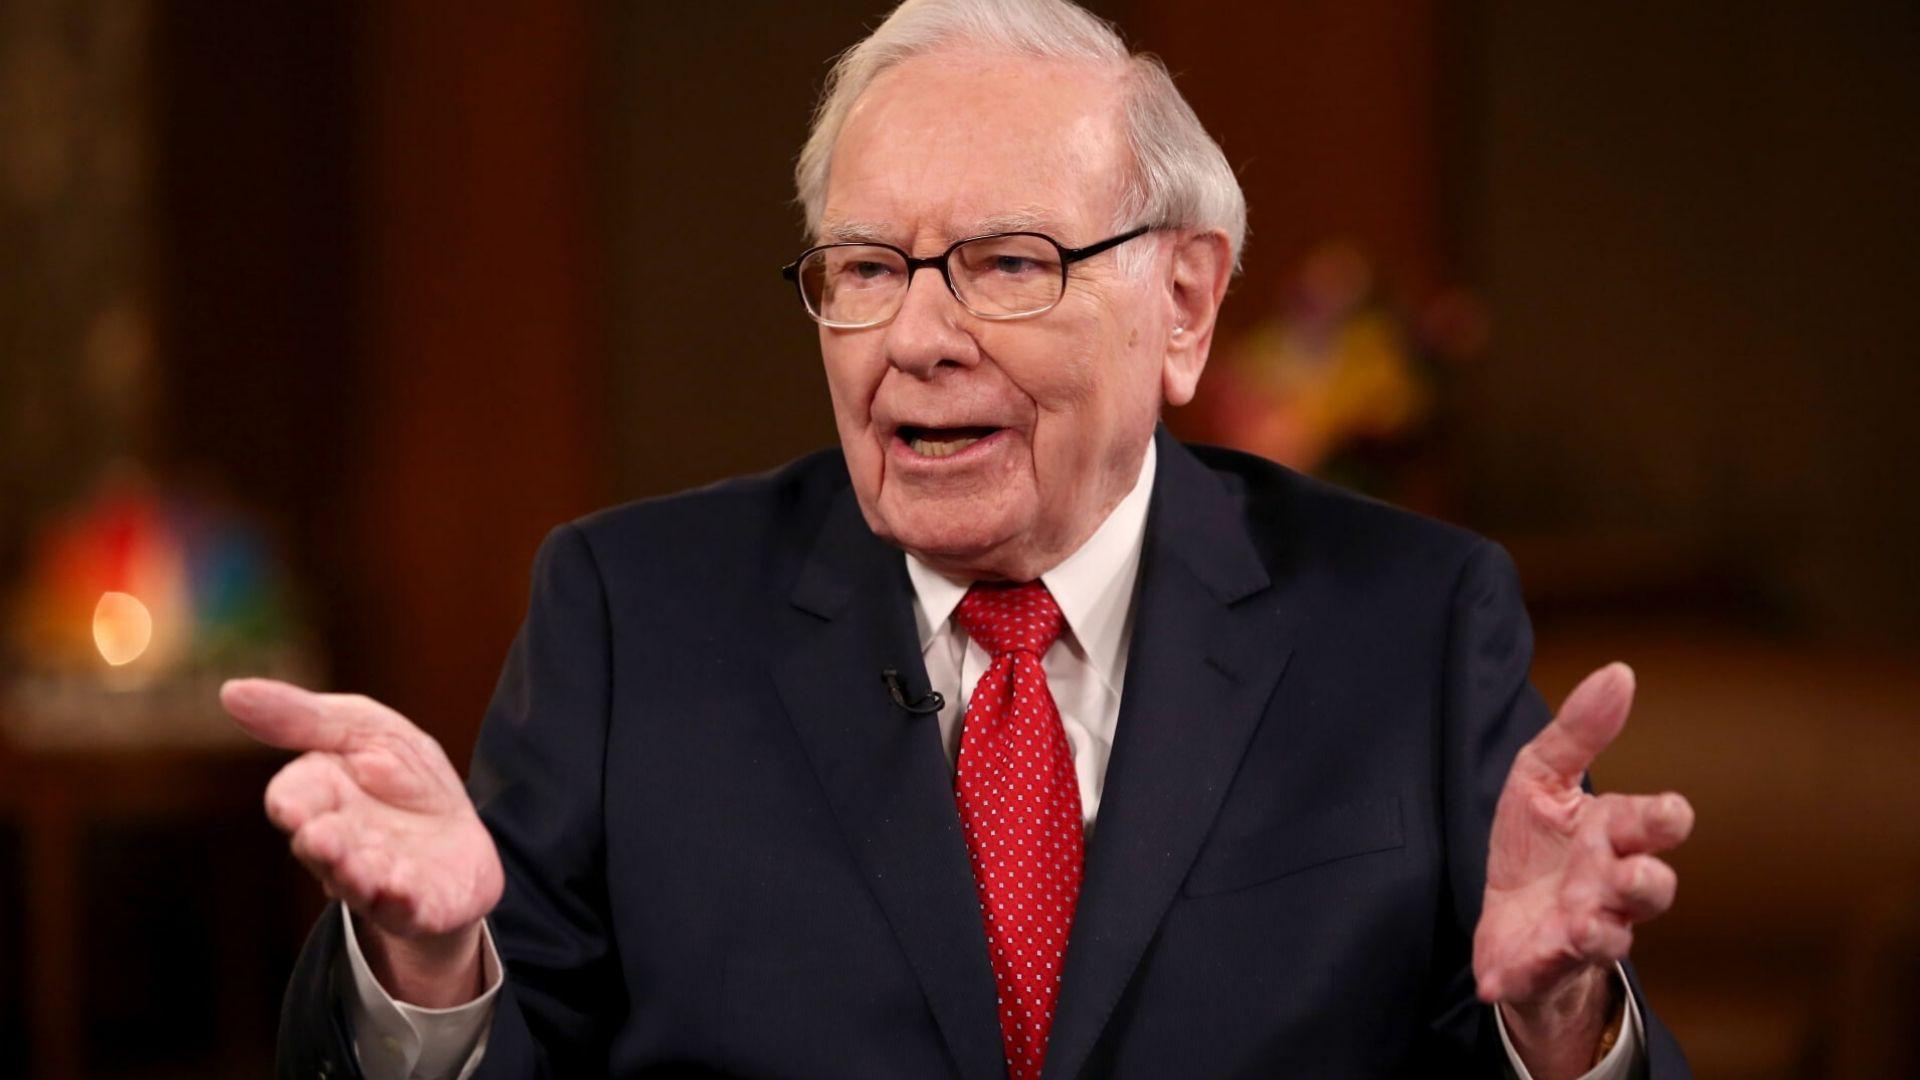 უორენ ბაფეტის კომპანიამ Berkshire Hathaway აშშ-ის ავიაკომპანიის აქციები გაყიდა • ForbesWoman